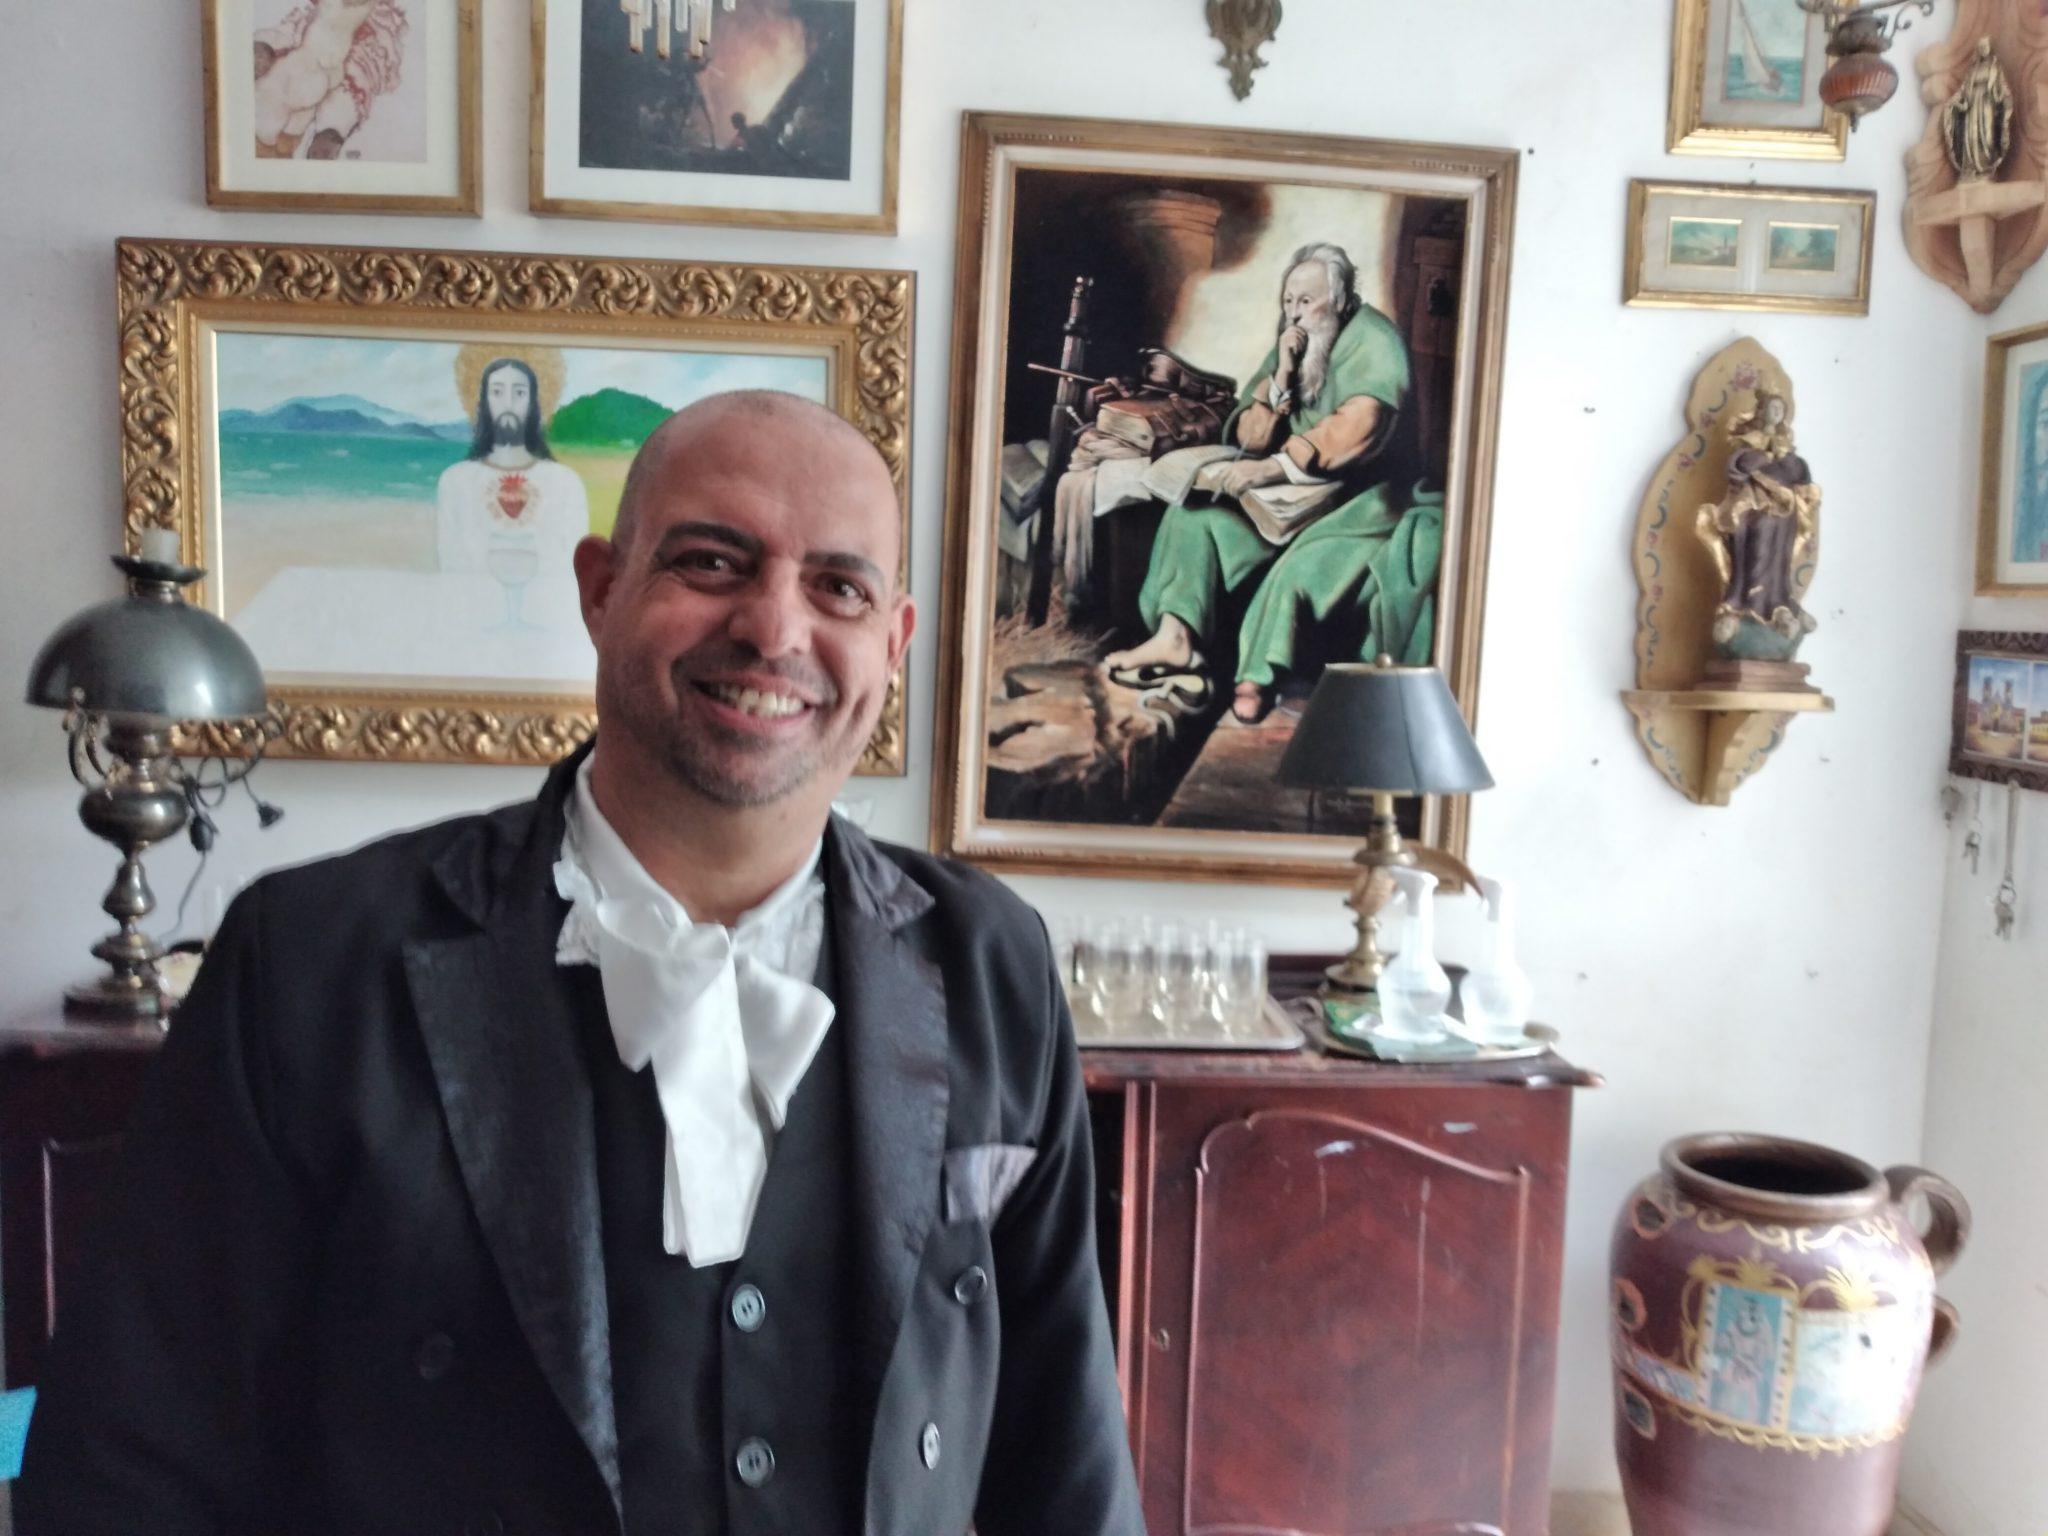 O ator Rômulo Vaz, no Antiquário e Brechó Goiano. Ao fundo, aparece quadros, móveis e outros itens do antiquário.